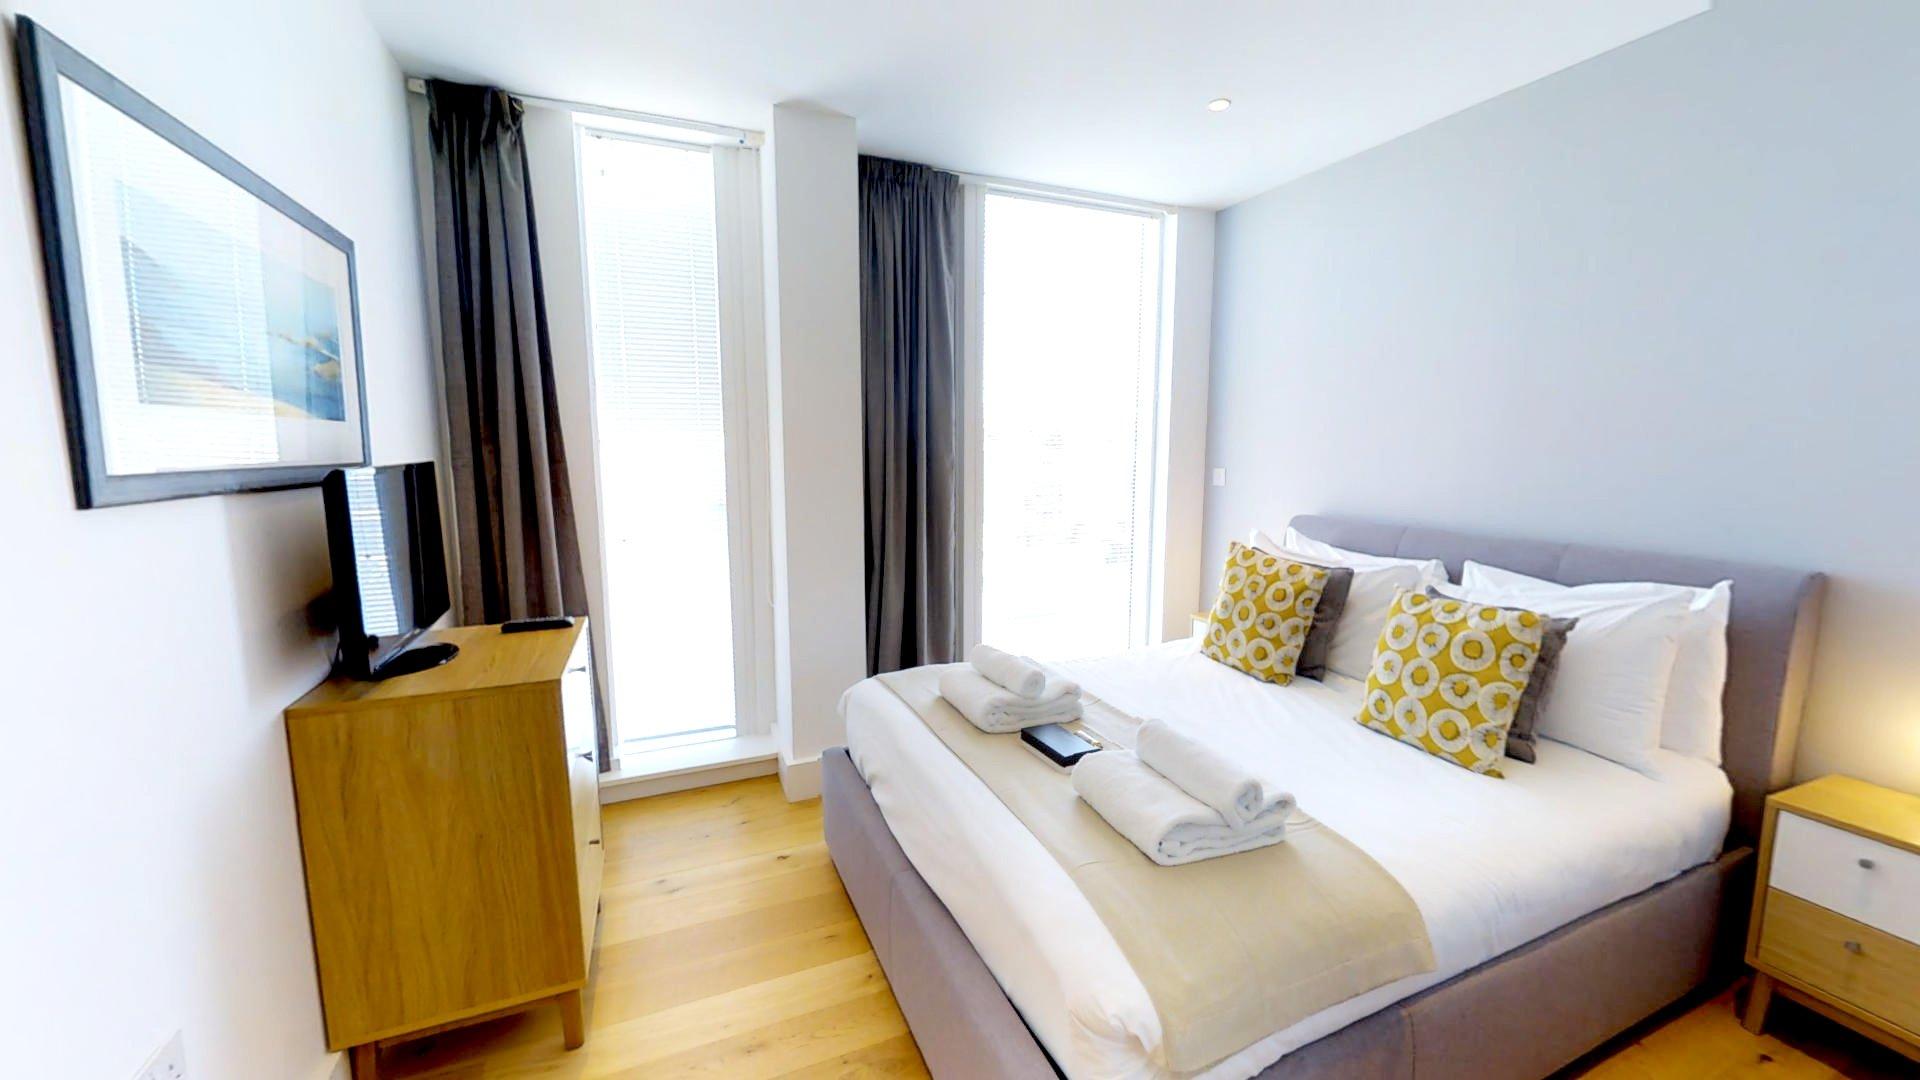 Accordia bedroom